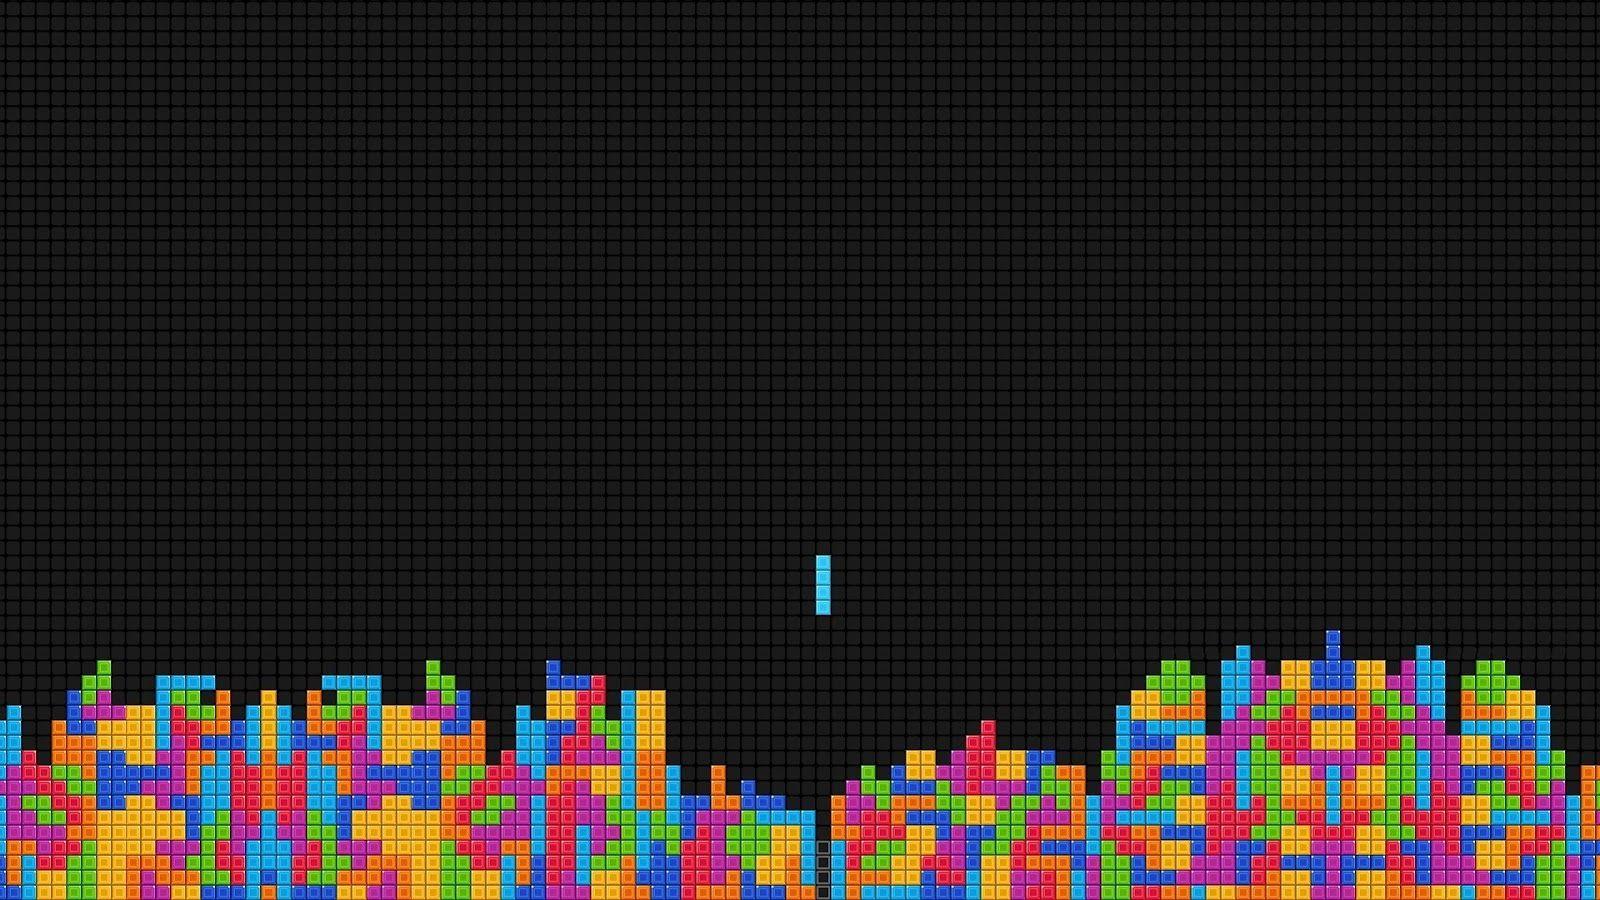 Retro Games Wallpaper Buscar Con Google Portadas Para